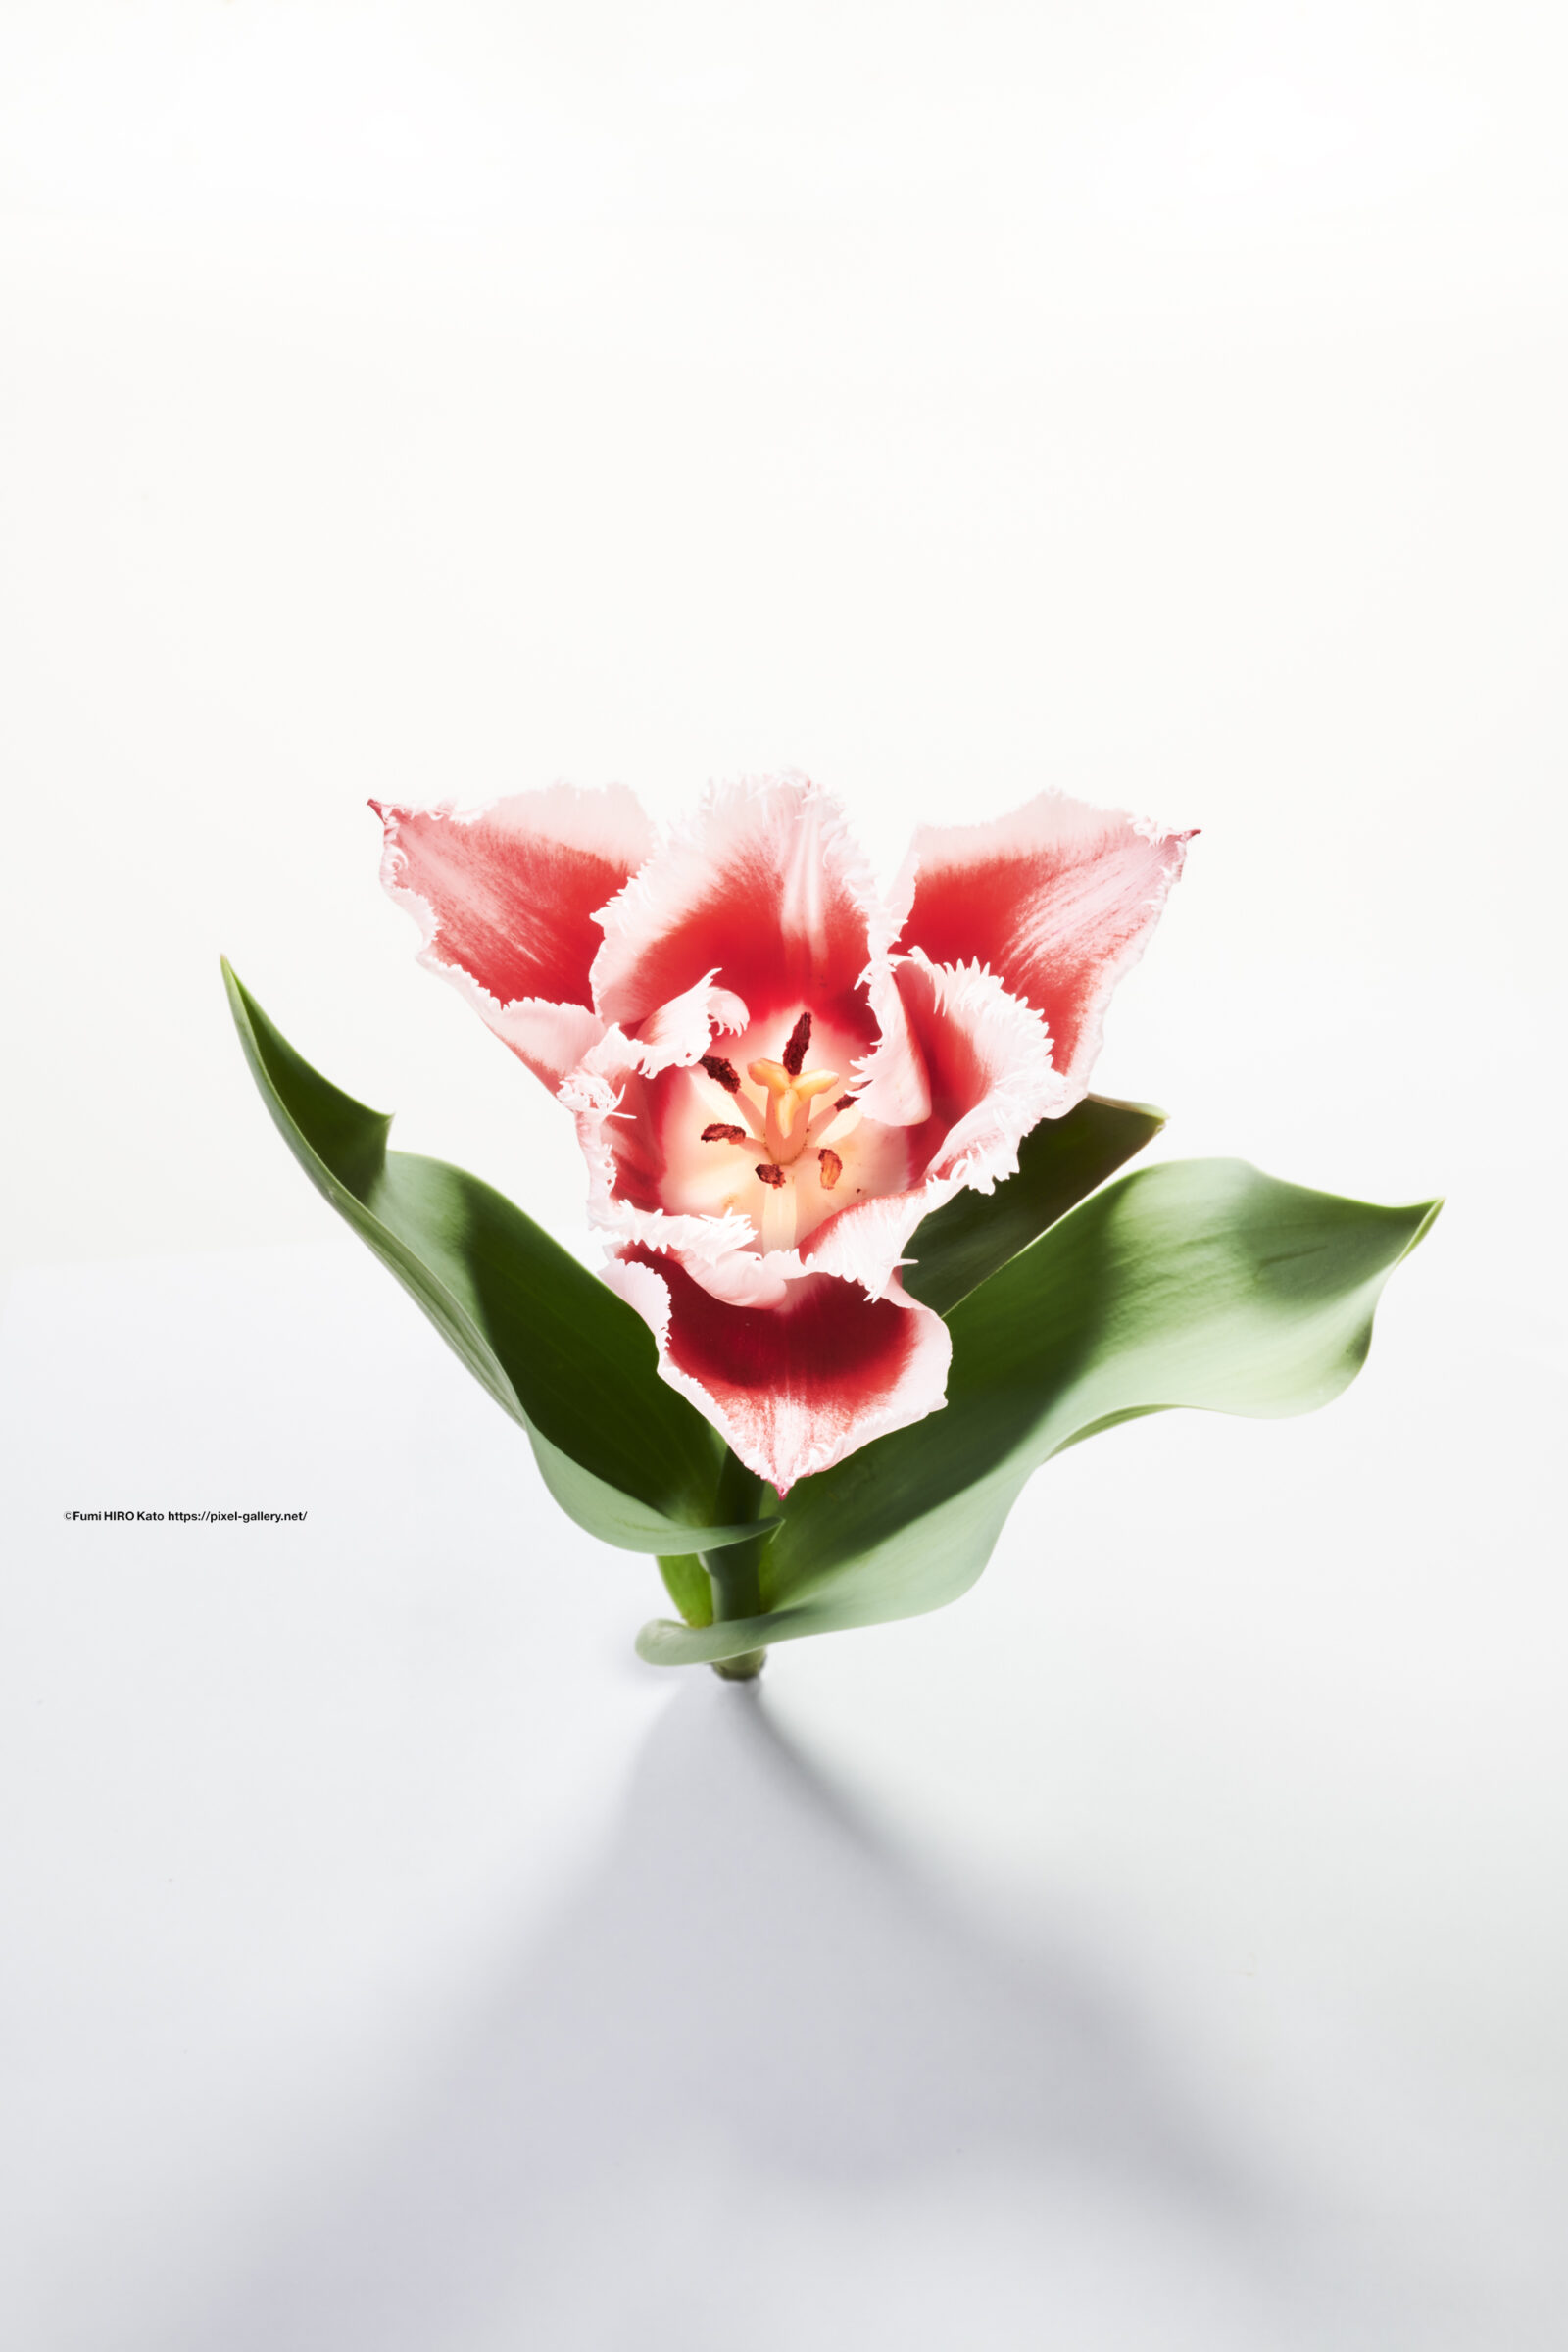 ハナ 2021-017 Tulip